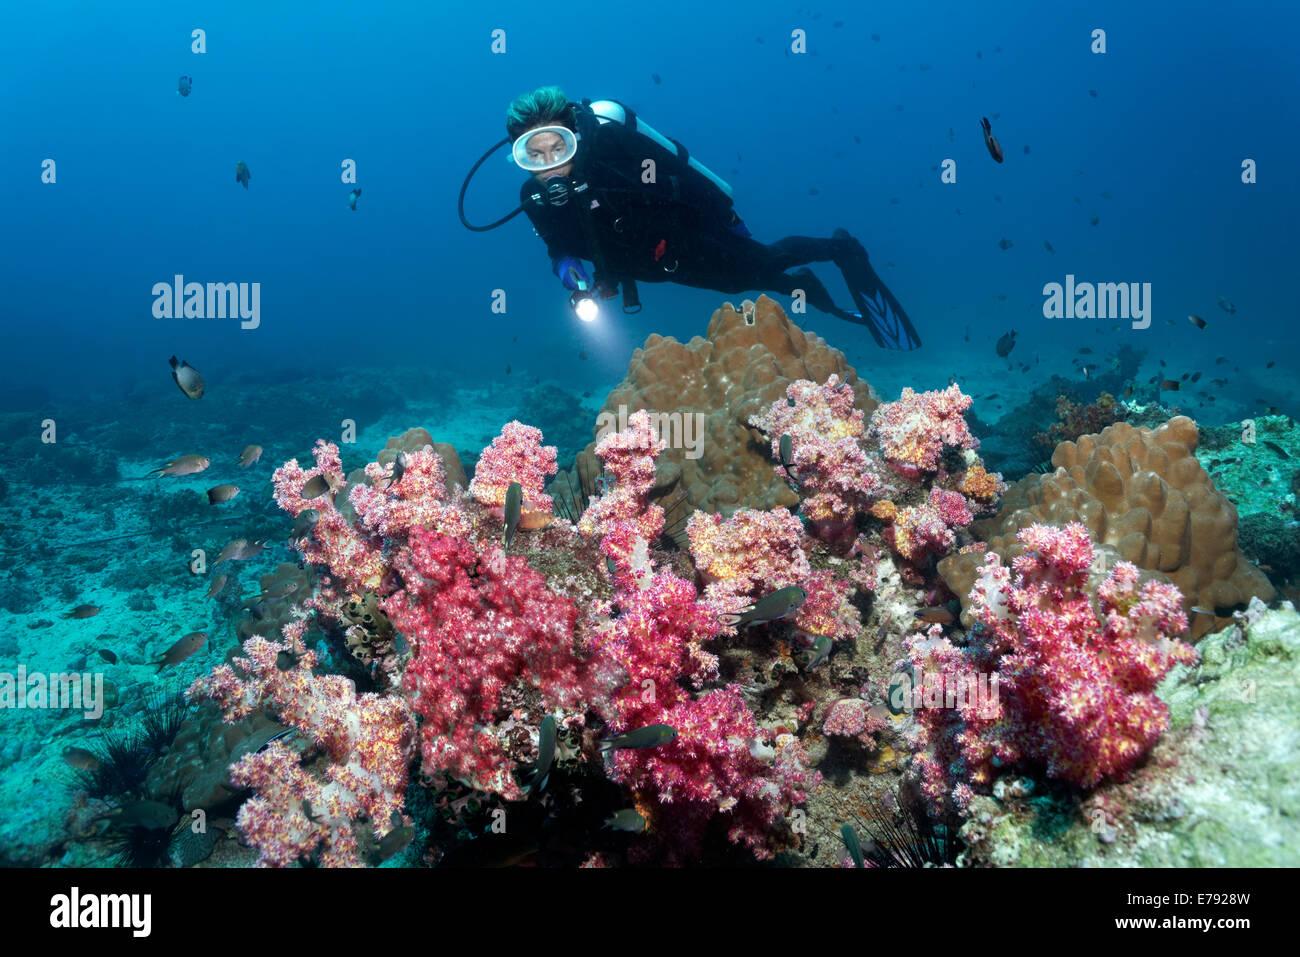 Diversi coralli molli e coralli duri, un subacqueo sul retro, Isole Dimaniyat riserva naturale, Al Batinah regione, Immagini Stock